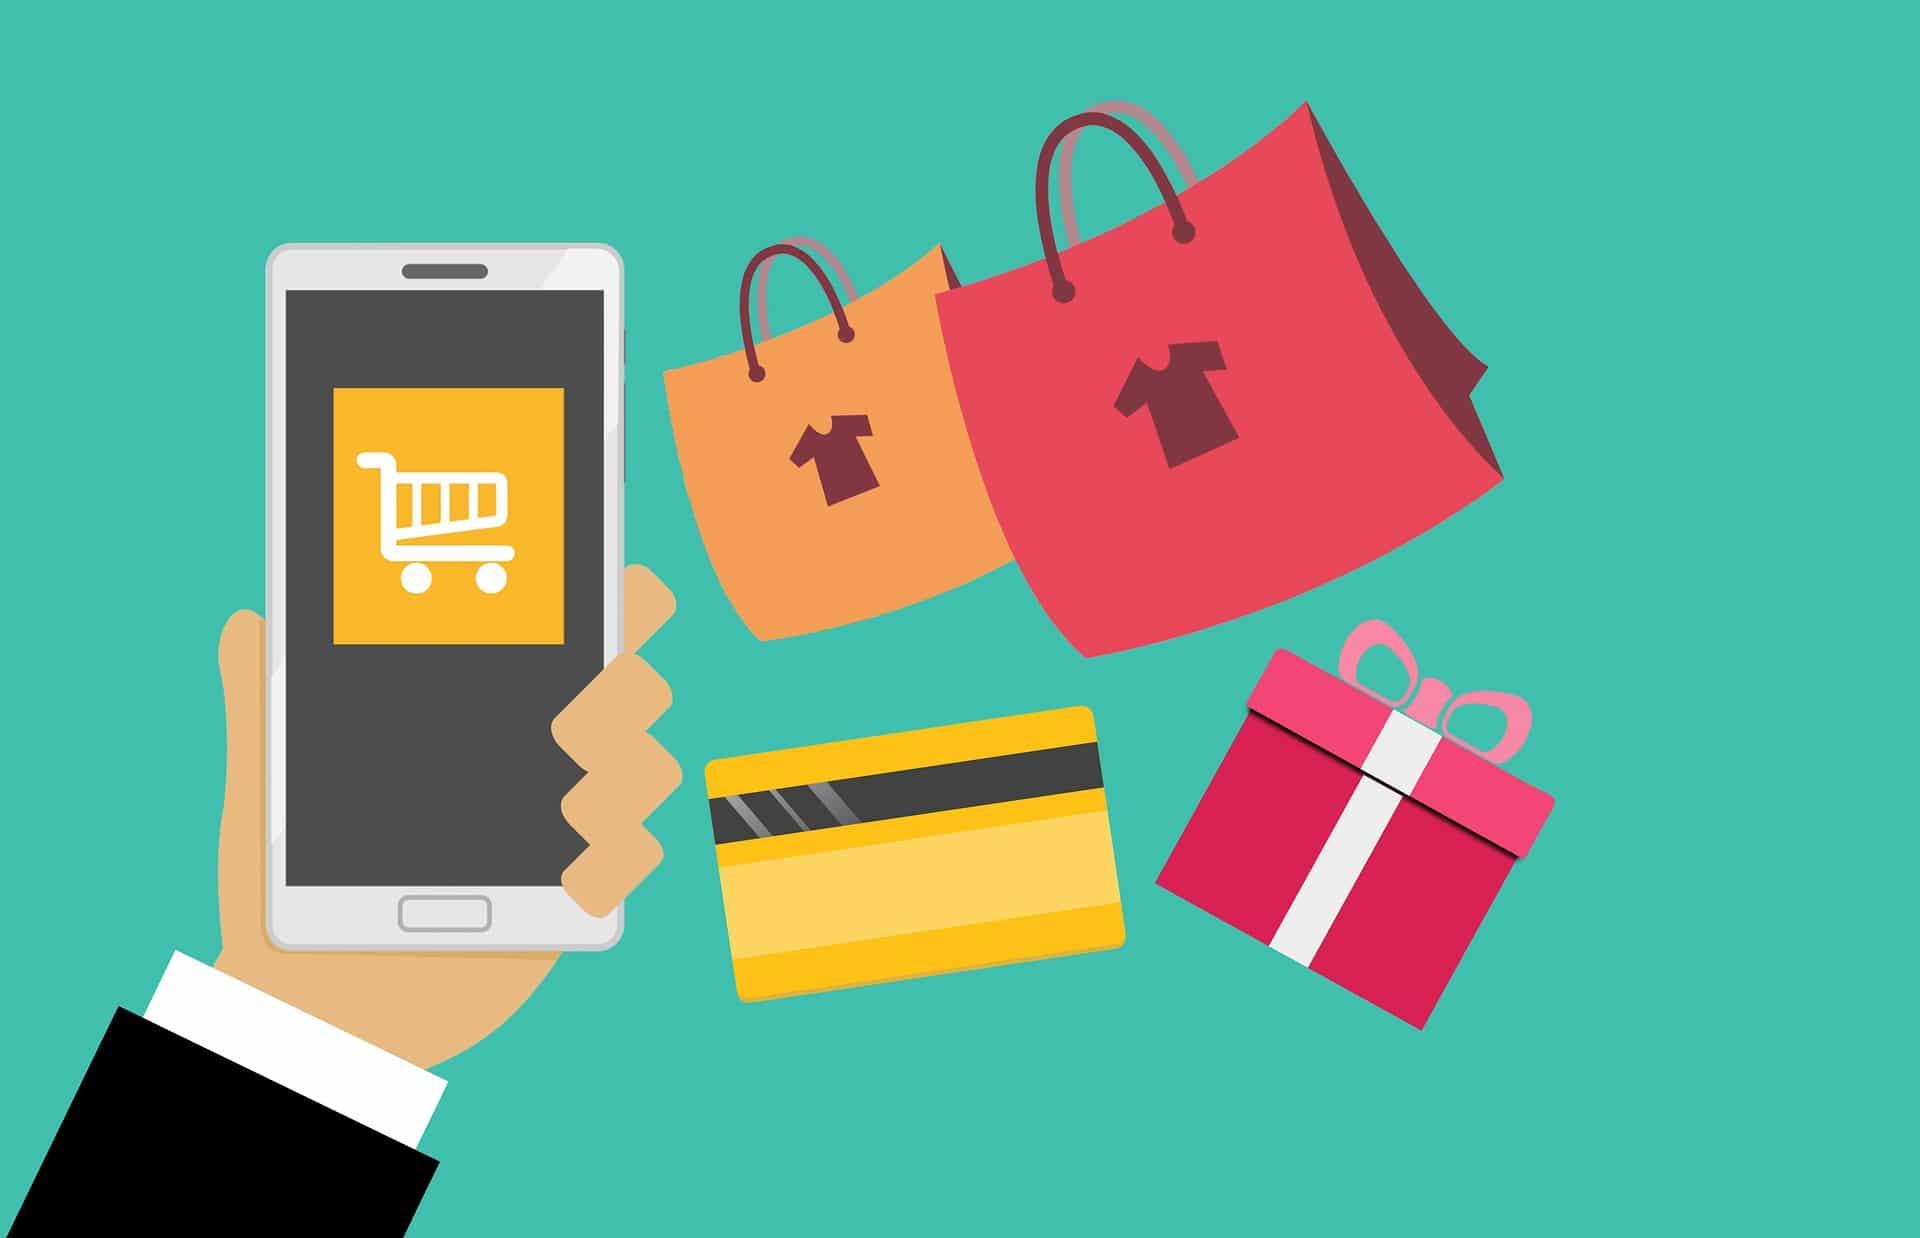 Qué se necesita para pagar con tu móvil